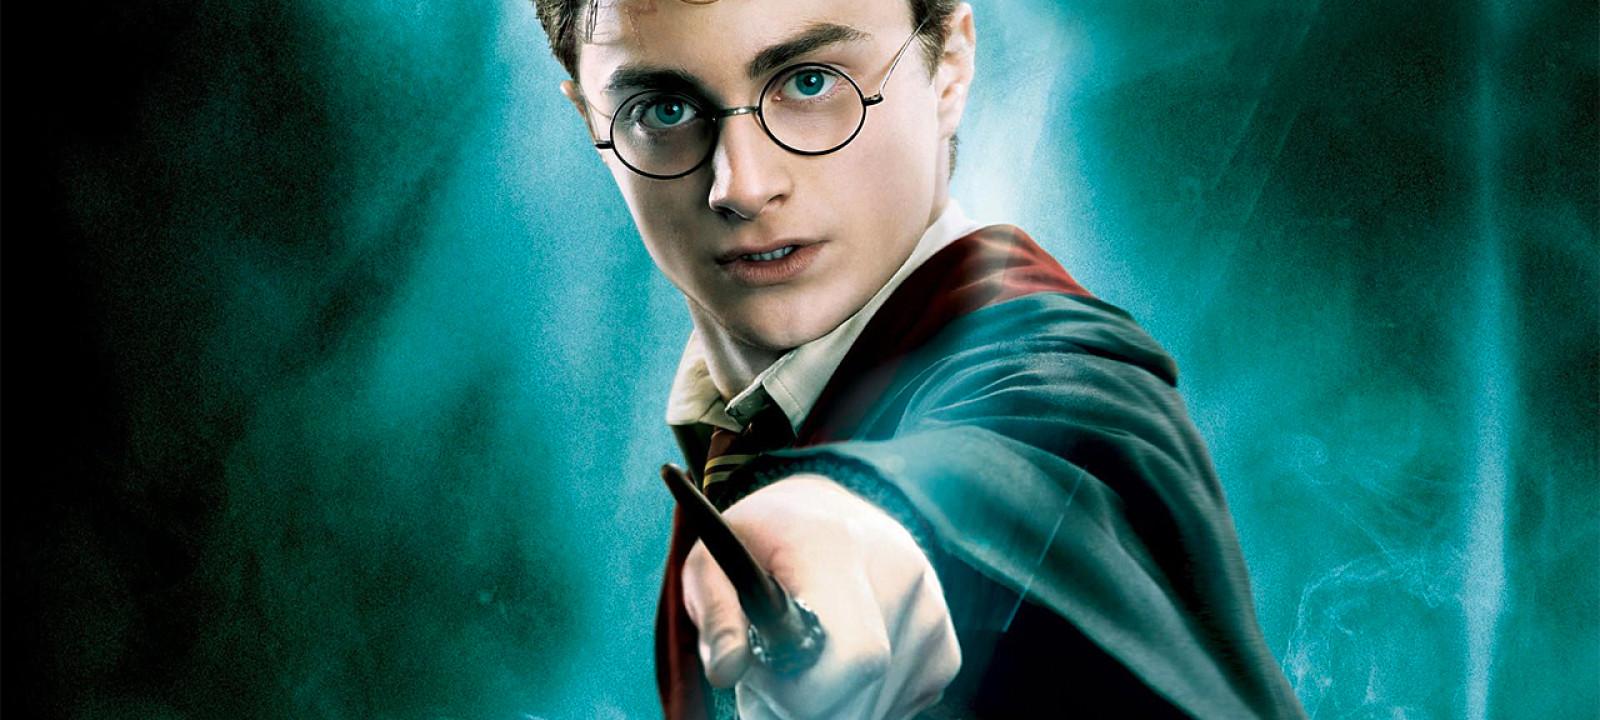 Harry Potter (Pic: Warner Bros)